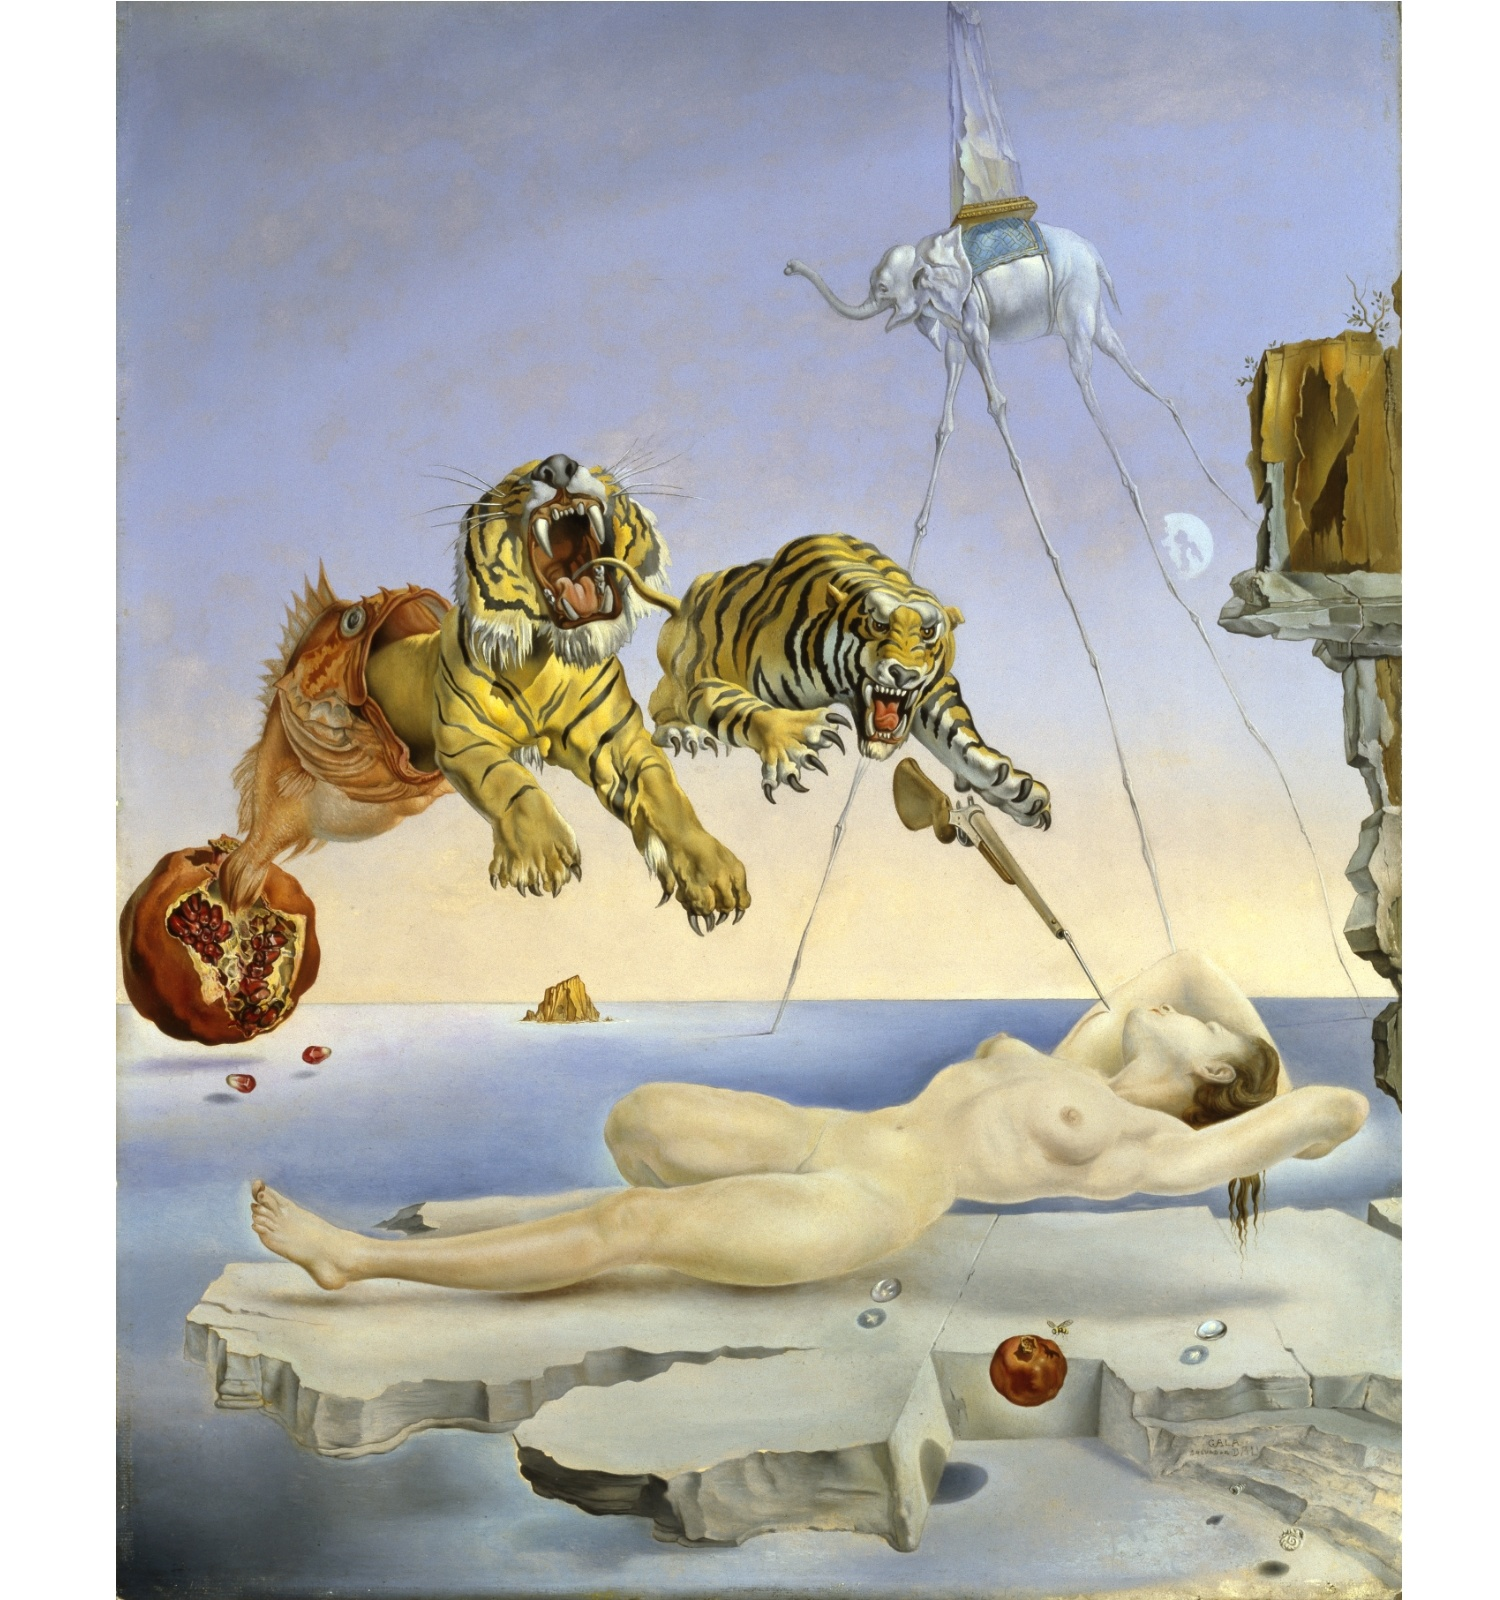 Salvador Dalí. Somni causat pel vol d'una abella al voltant d'una magrana un segon abans de despertar, c. 1944. Museo Nacional Thyssen-Bornemisza, Madrid. © Salvador Dalí, Fundació Gala-Salvador Dalí, VEGAP, Barcelona, 2018